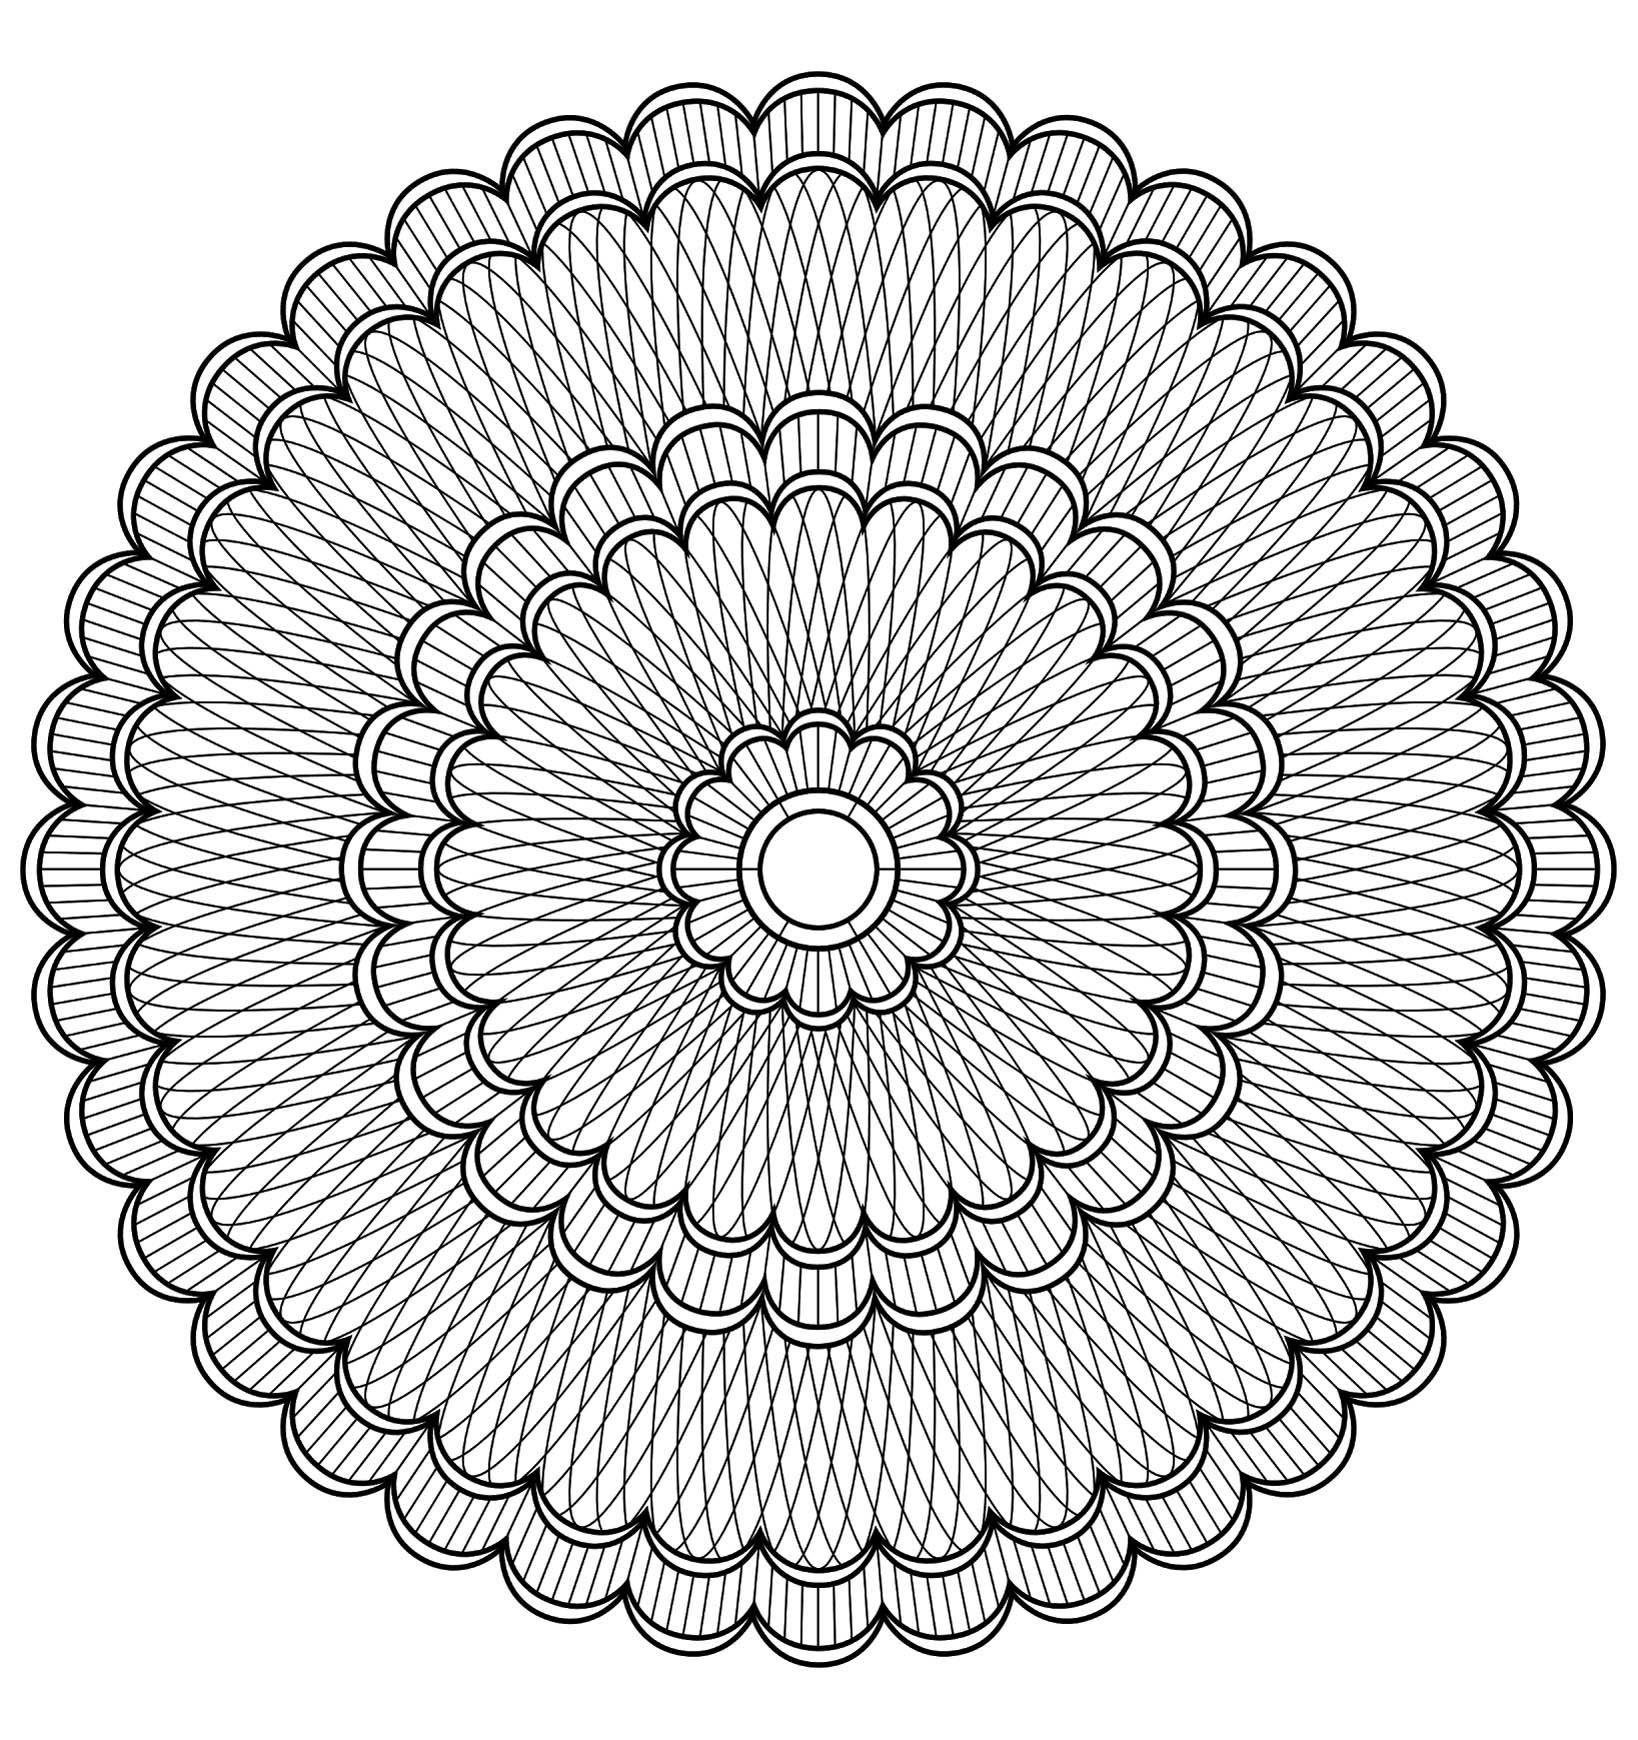 Mandala A Colorier Difficile 19 - Mandalas Difficiles (Pour tout Coloriage De Mandala Difficile A Imprimer